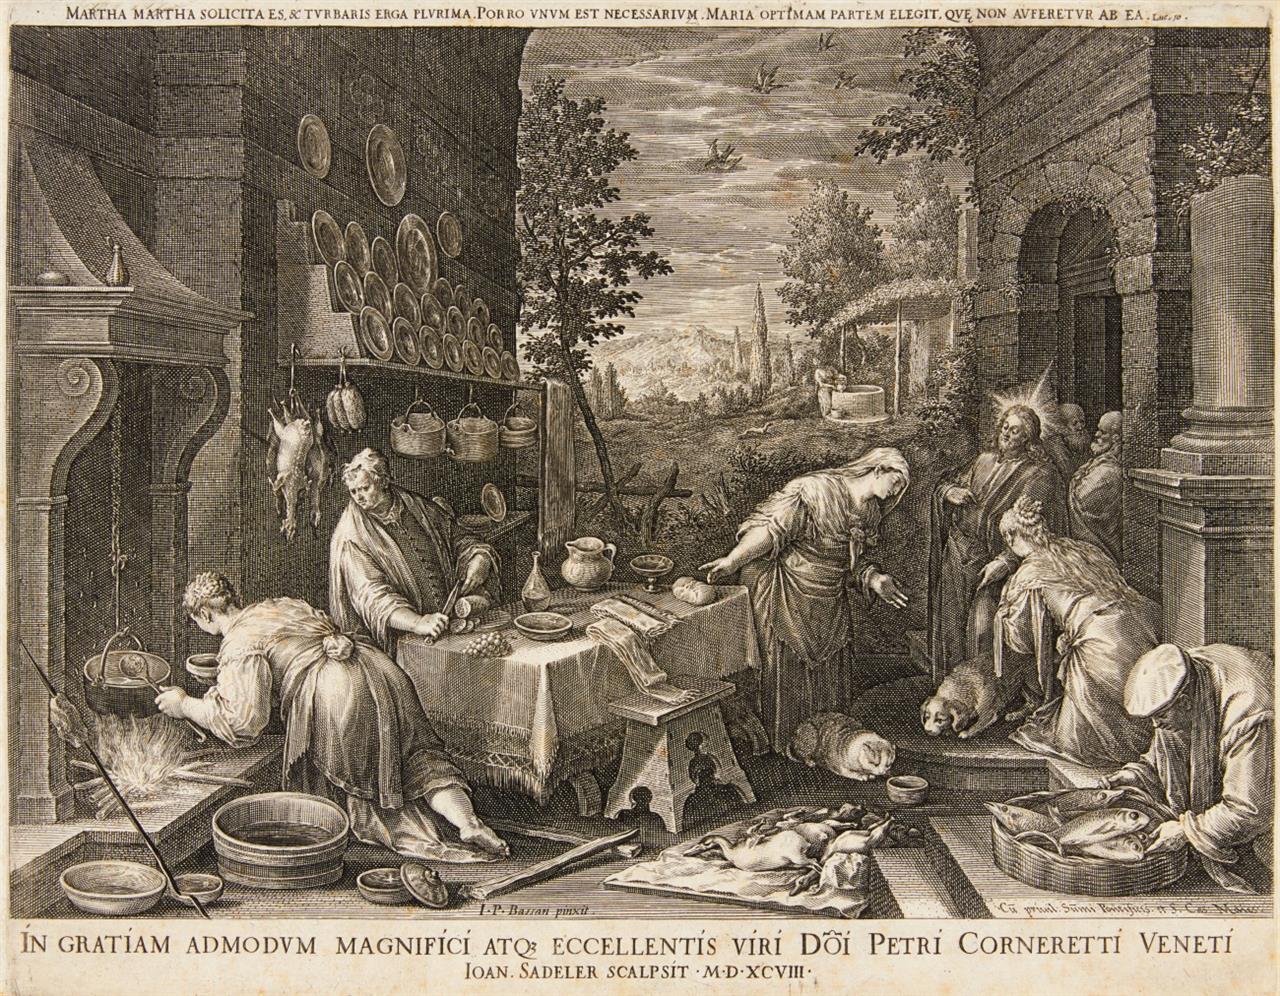 Johannes Sadeler nach G. Bassano. Christus bei Maria und Martha. Kupferstich.